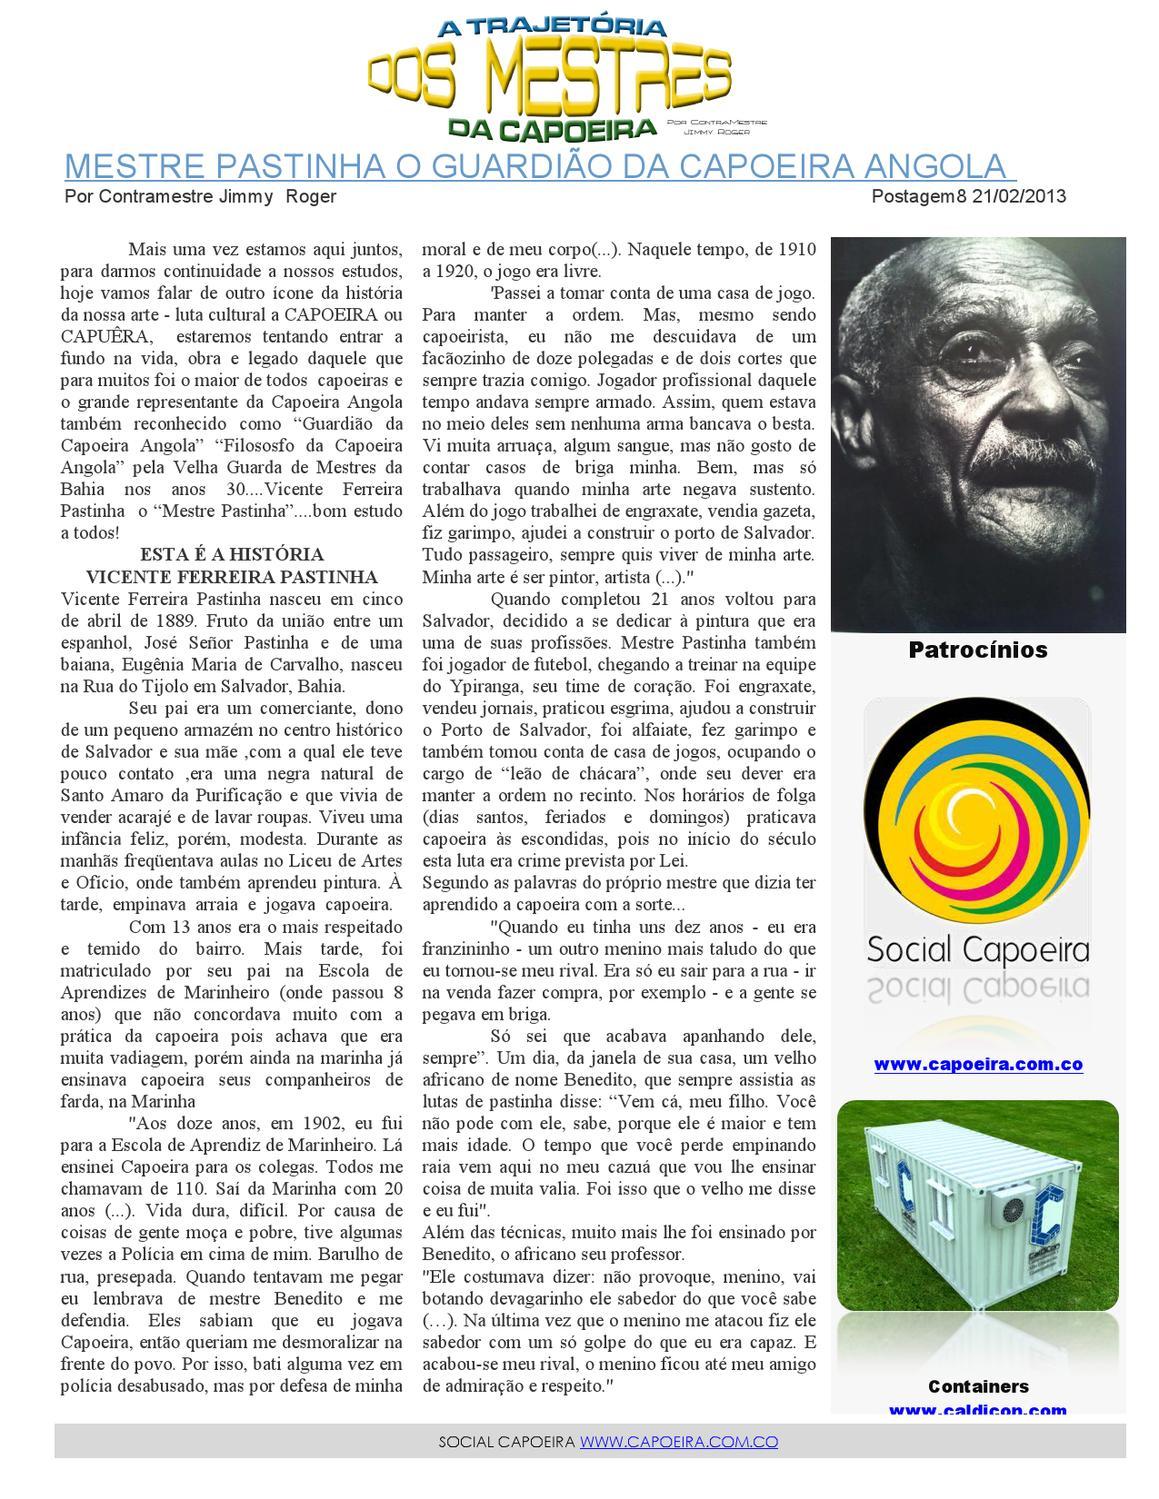 Mestre Pastinha O Guardião Da Capoeira Angola By Social